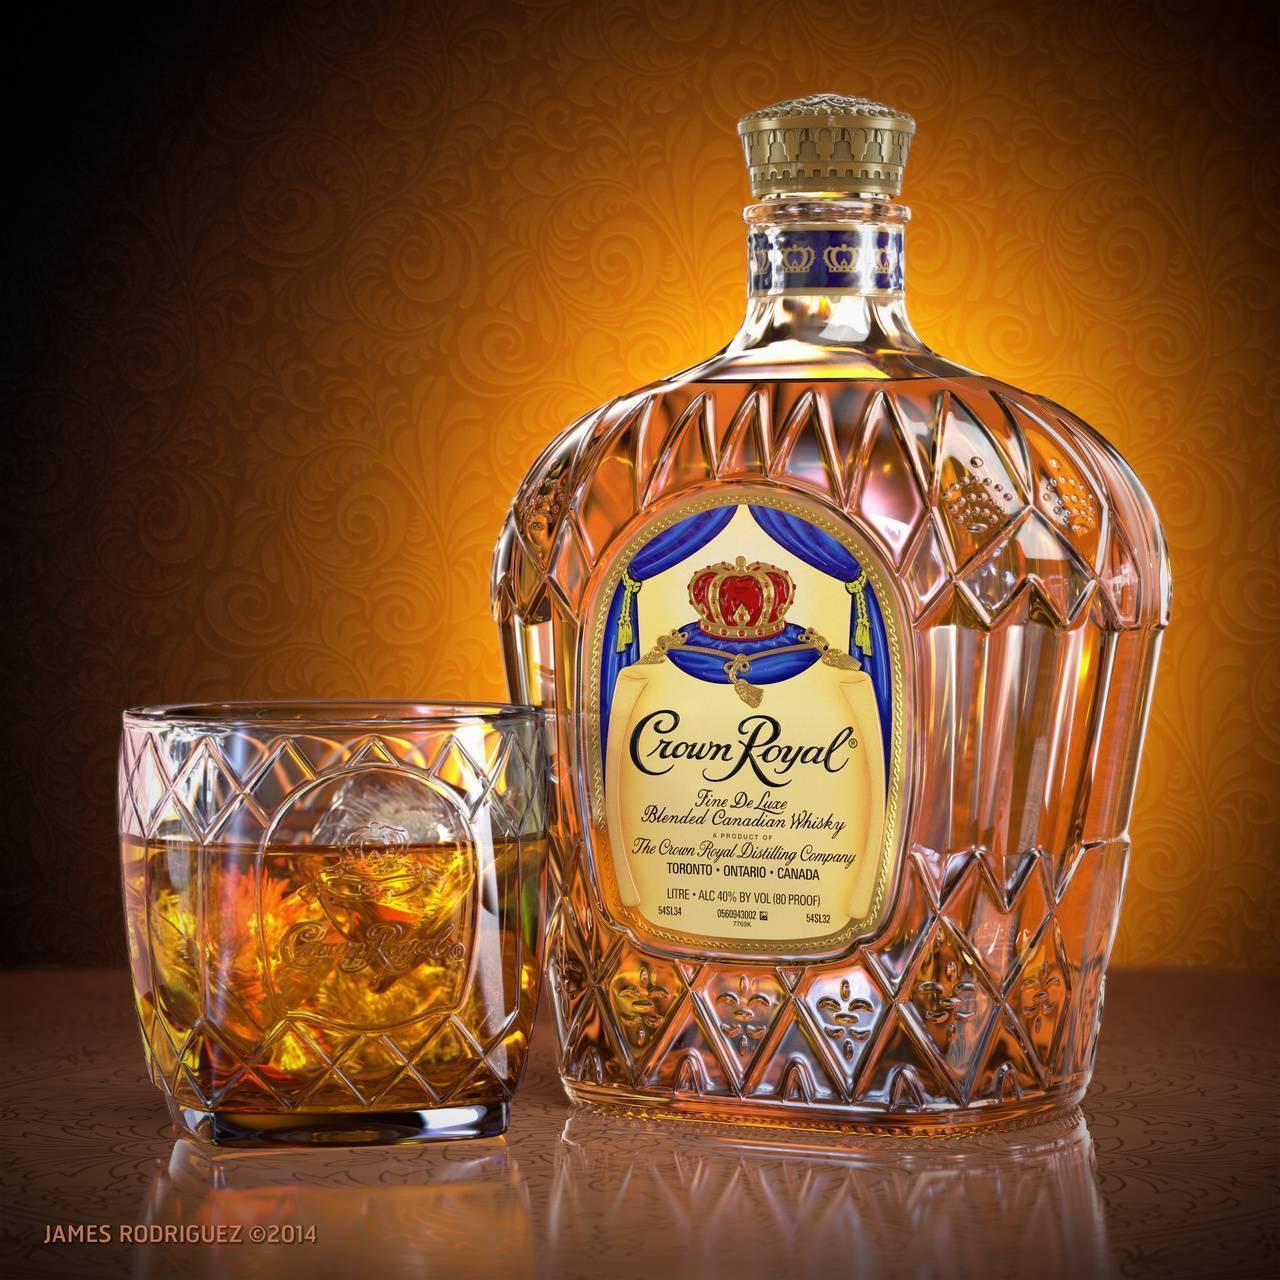 Tabac royal royal crown аромат — аромат для мужчин и женщин 2011